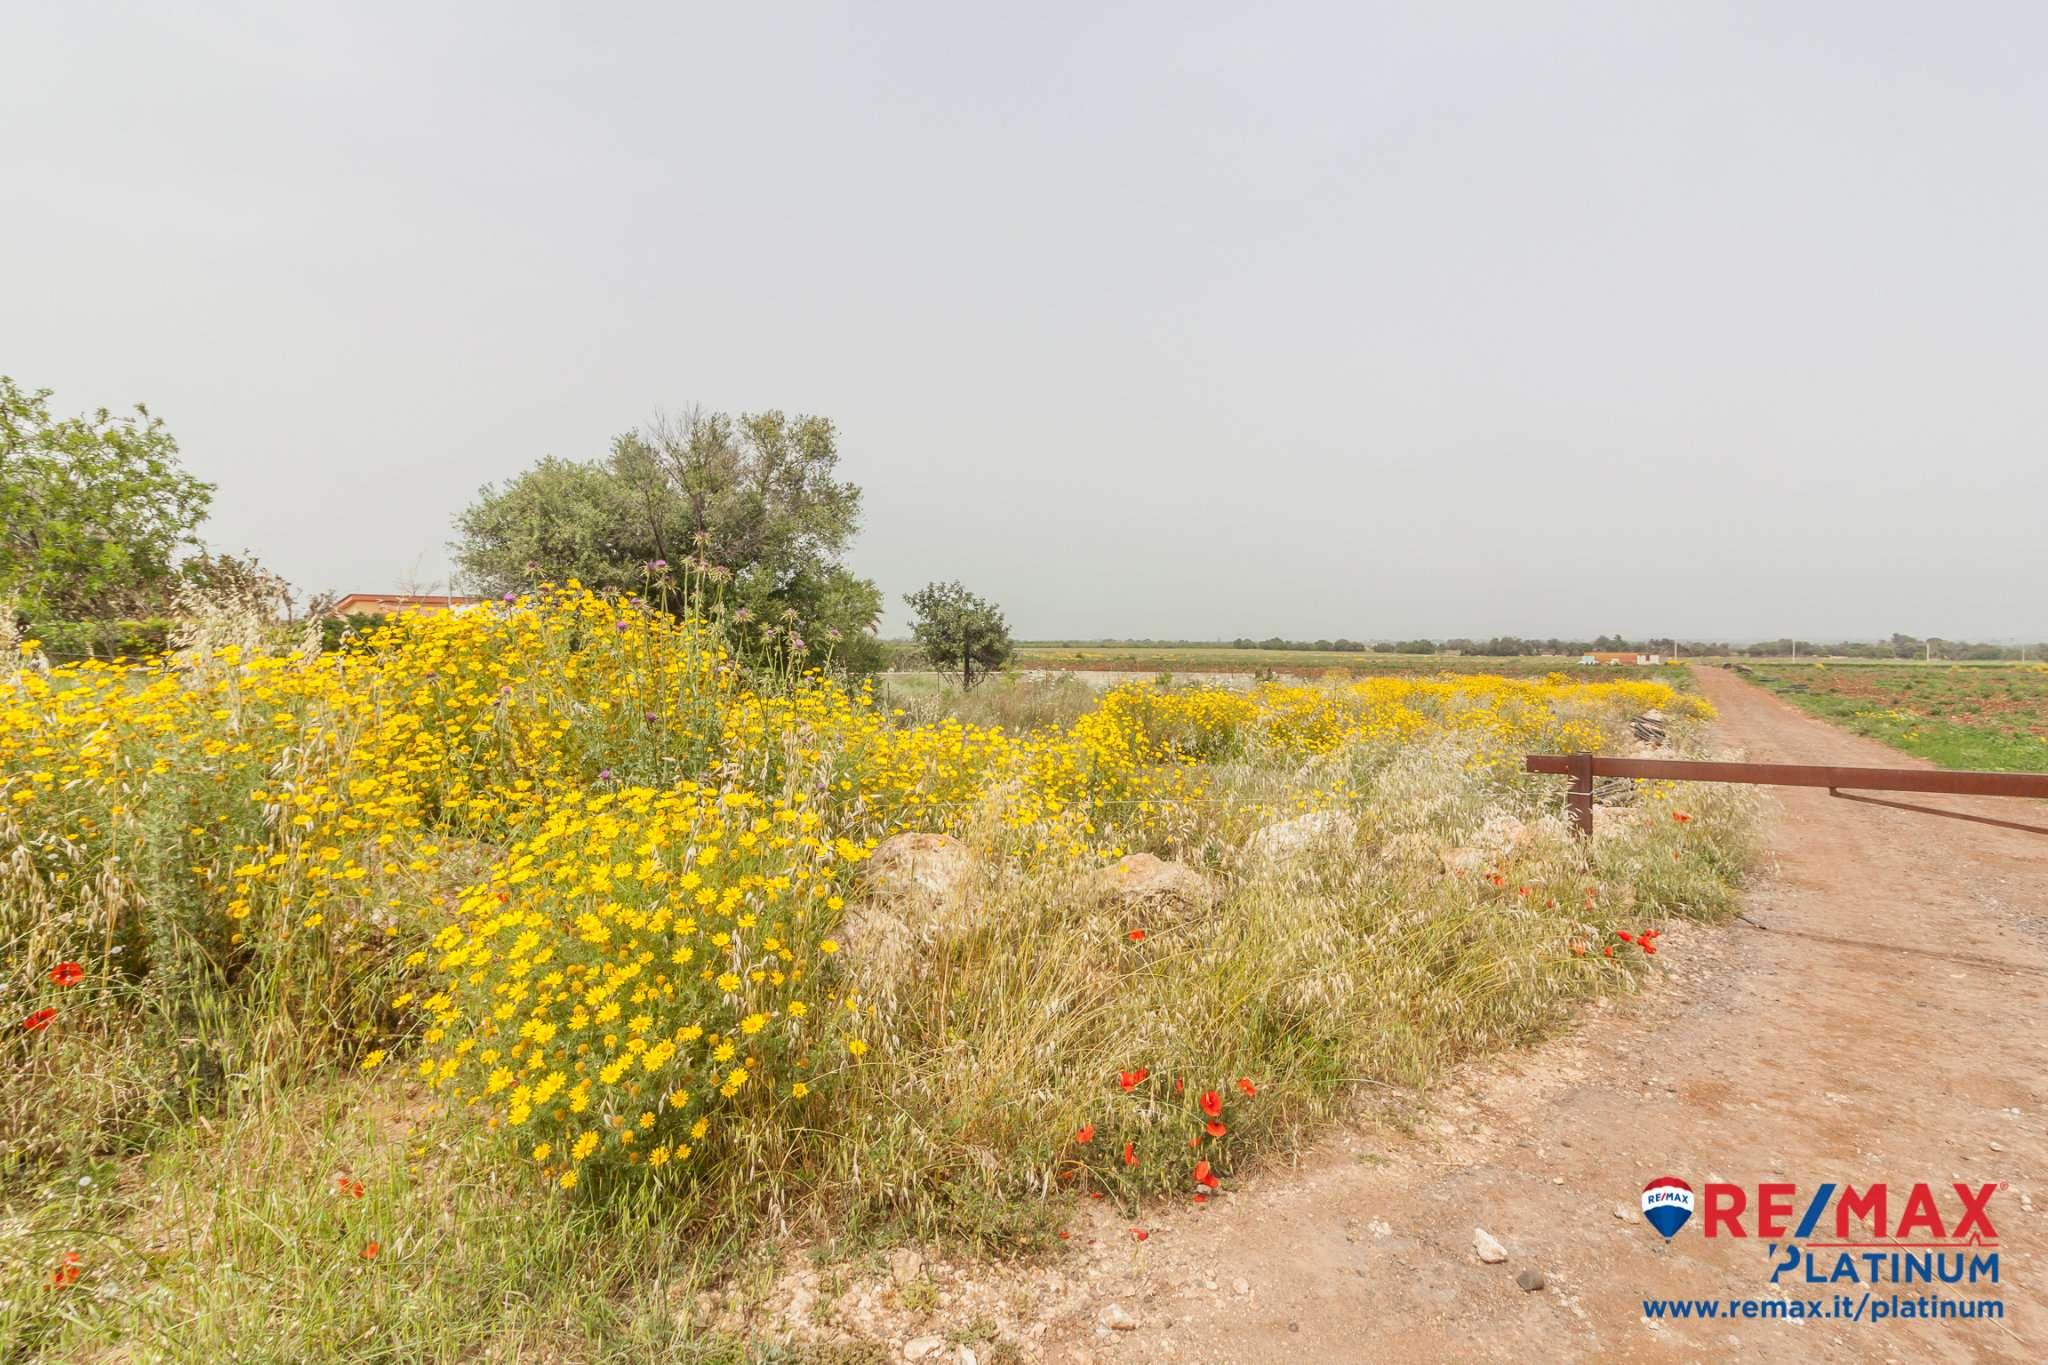 Terreno Agricolo in vendita a Siracusa, 9999 locali, prezzo € 15.000 | PortaleAgenzieImmobiliari.it